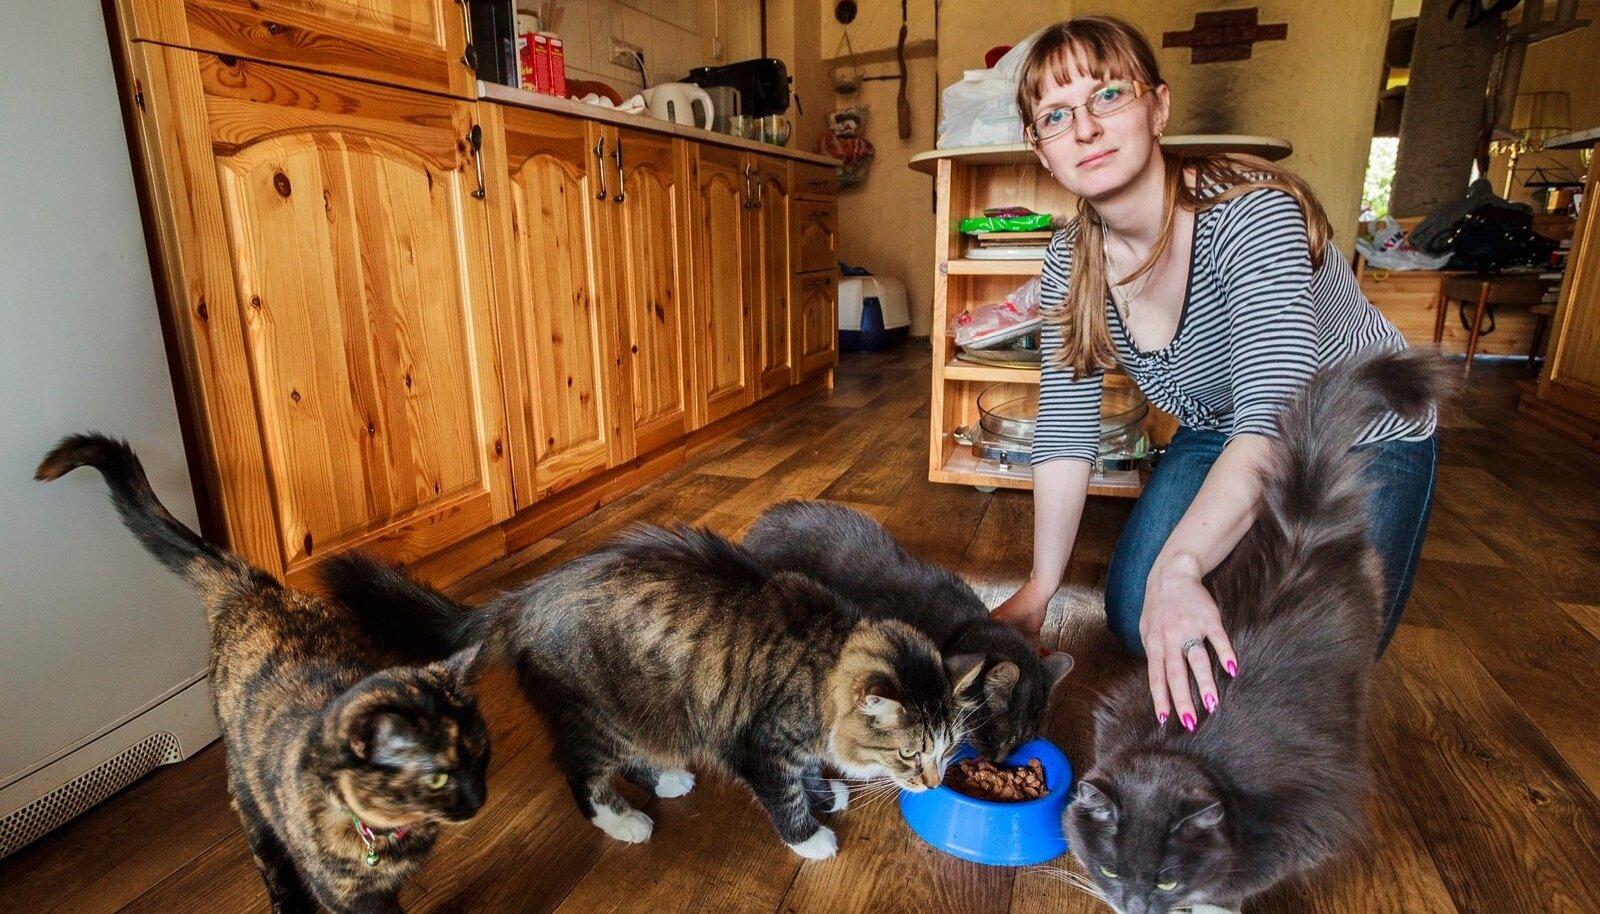 Kui kassidele on toas loodud mõnusad elutingimused, ei soovigi nad õue minna, ütleb kassiomanik Heleri Ilves.